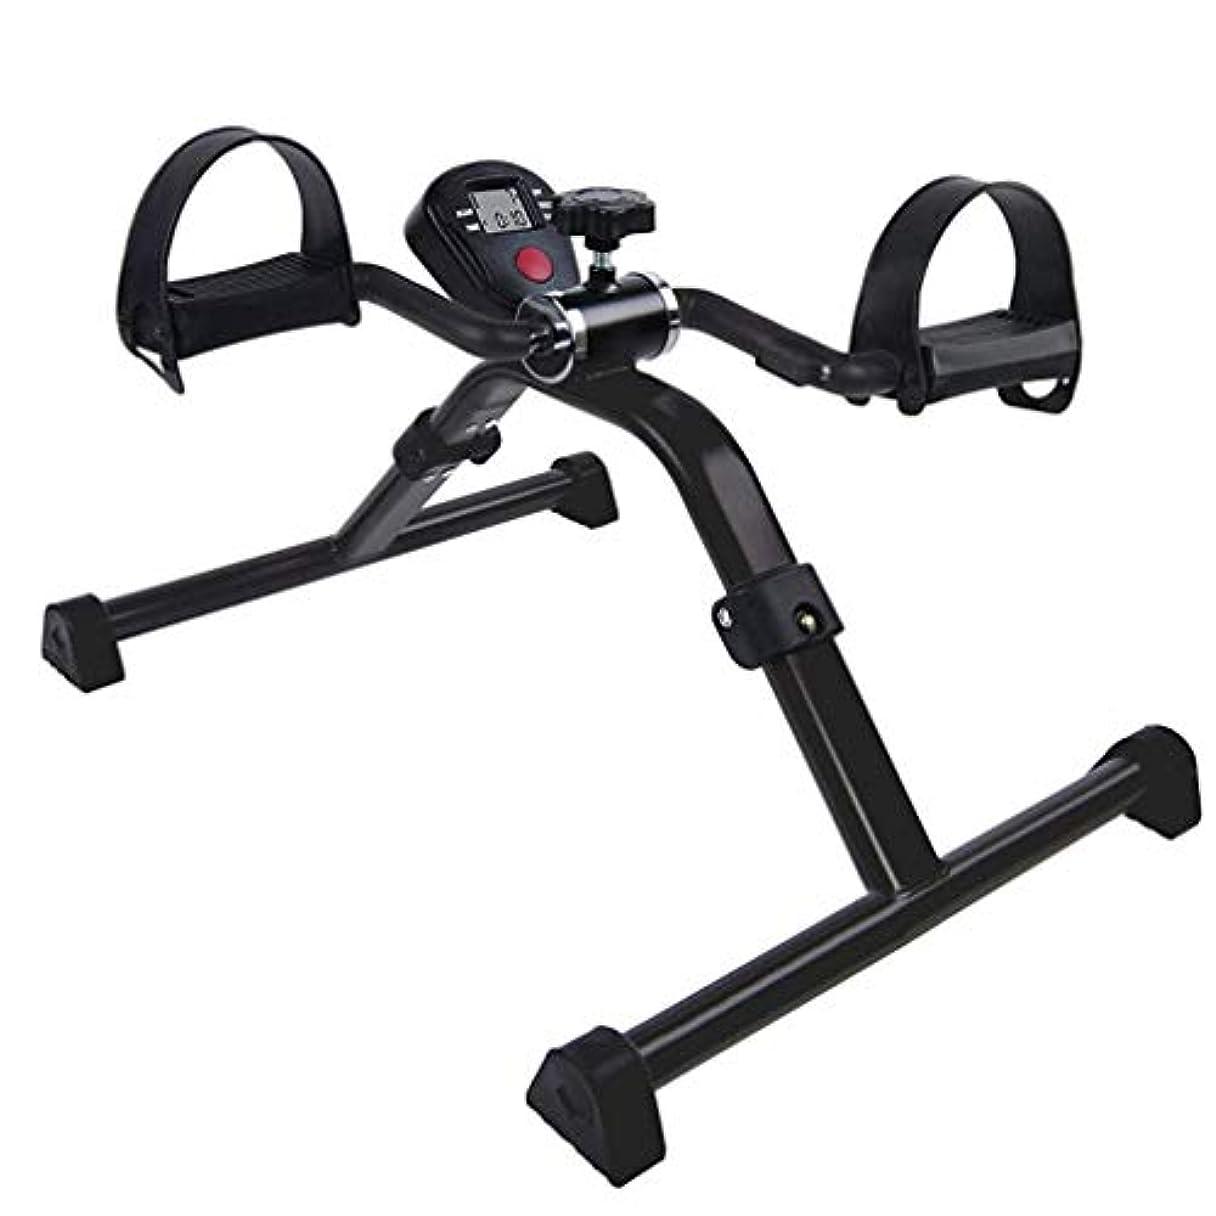 乗って伝導詳細に医学の折りたたみペダルの運動器具は足の血循環を改善します足のタイプの運動器具を美化しなさい男性および女性のために適した,A